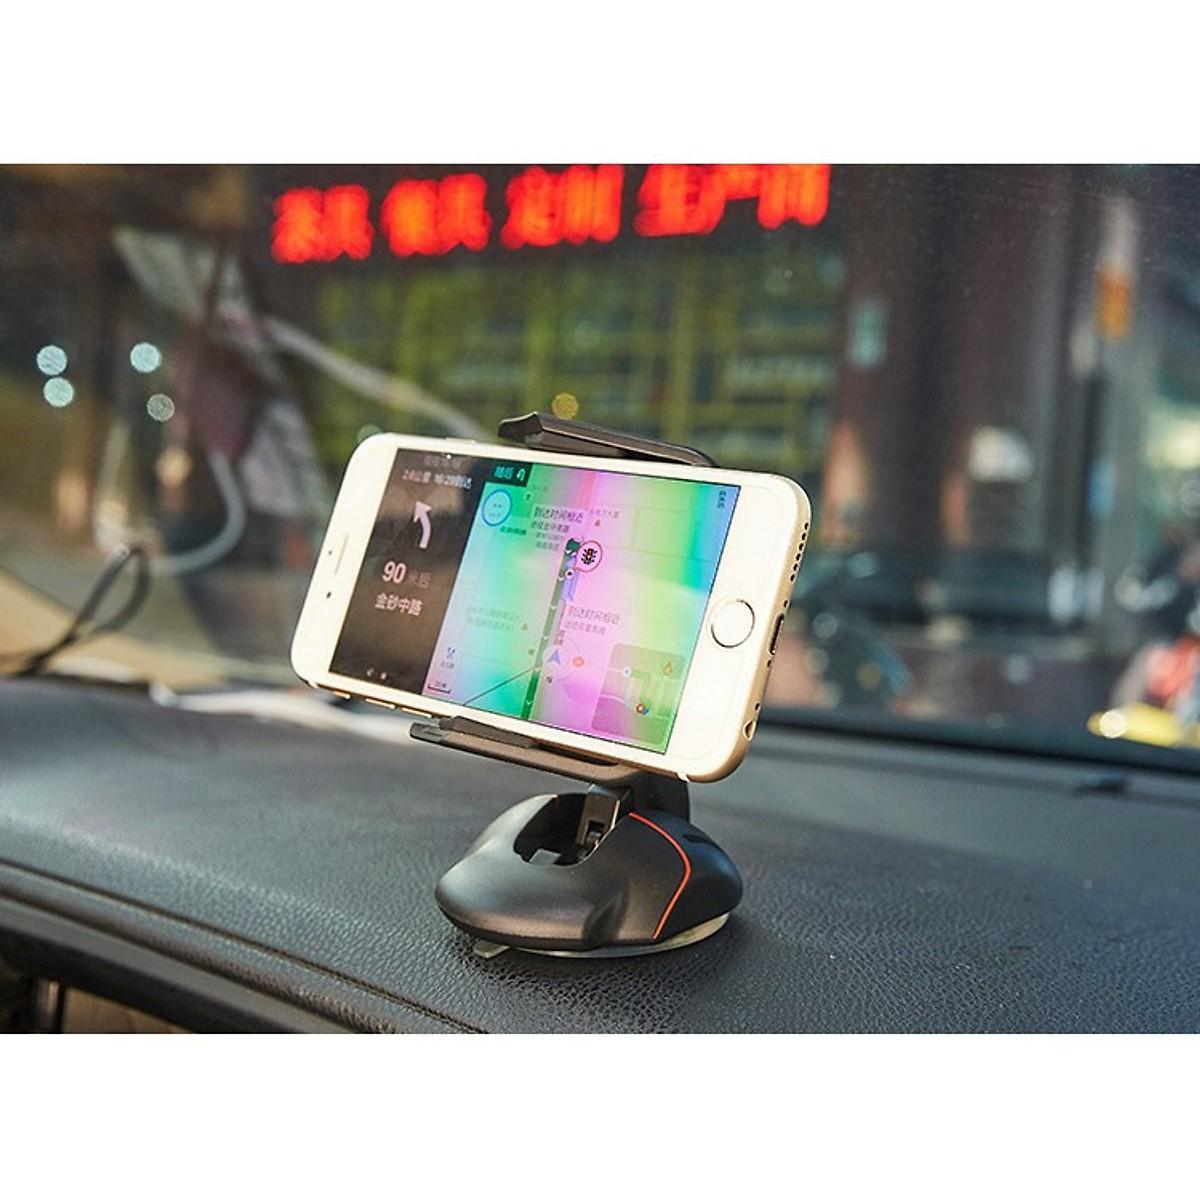 Giá đỡ kẹp điện thoại nhỏ gọn , xếp nhỏ hình chiếc chuột thuận tiện ( đế hít dán chân không)